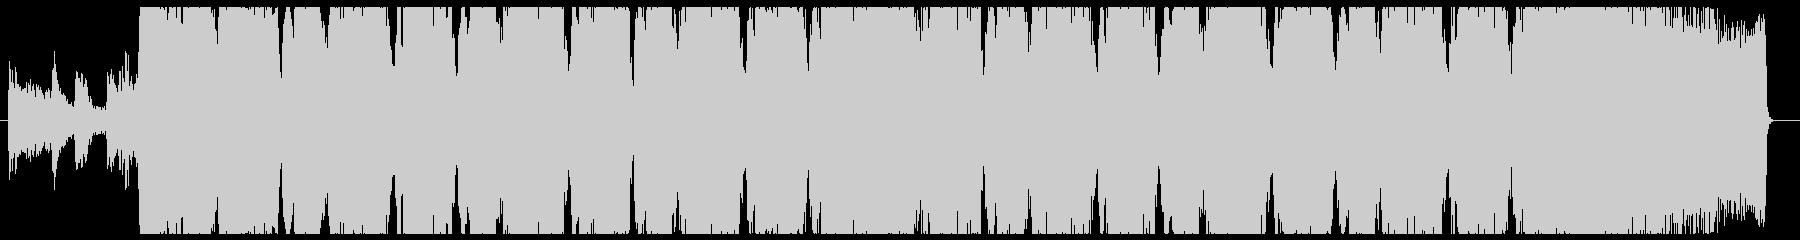 30秒ヘヴィギター&ダウンビートの未再生の波形